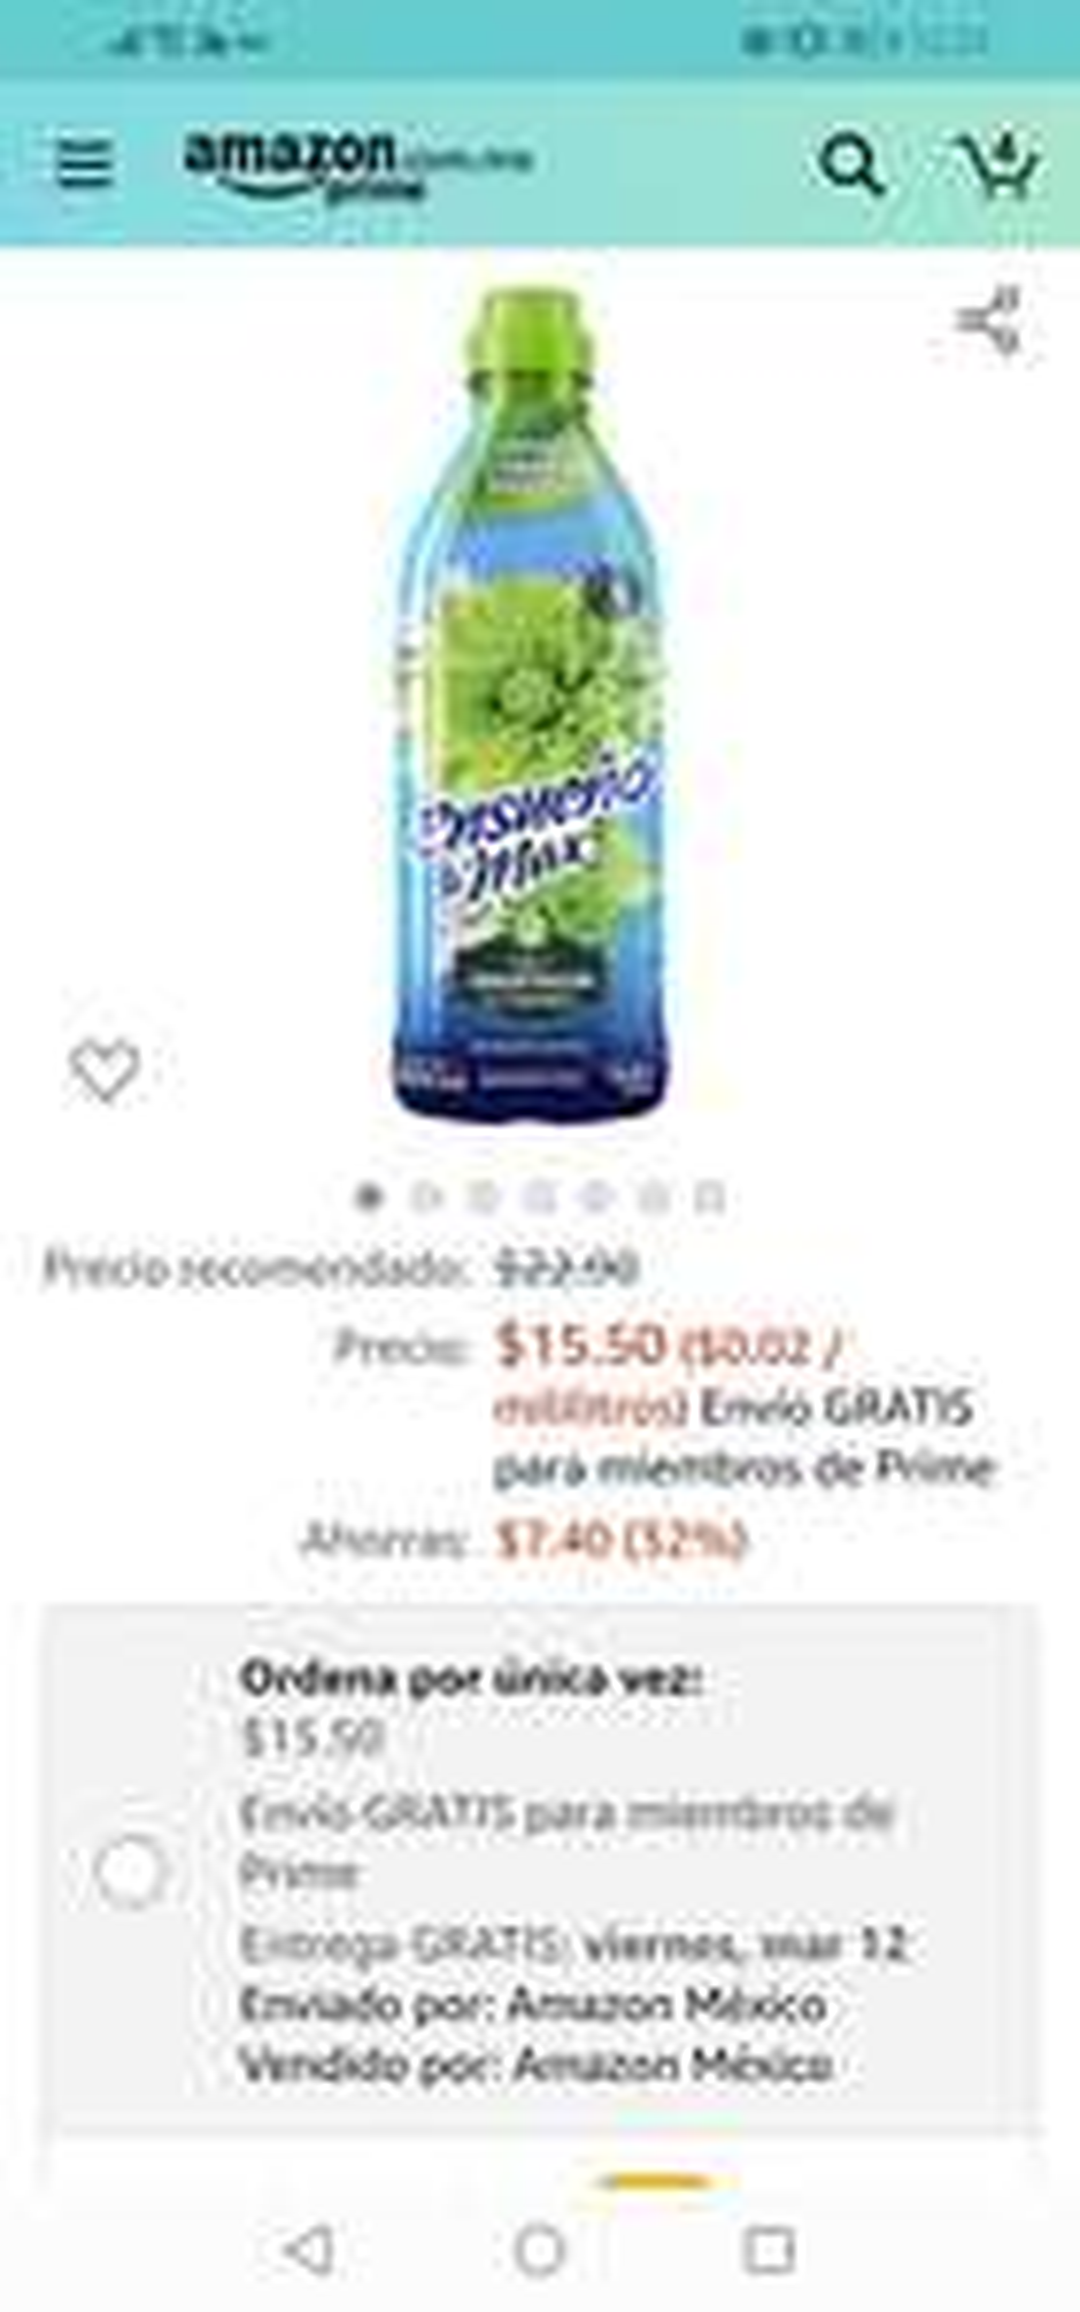 Amazon: Ensueño suavizante